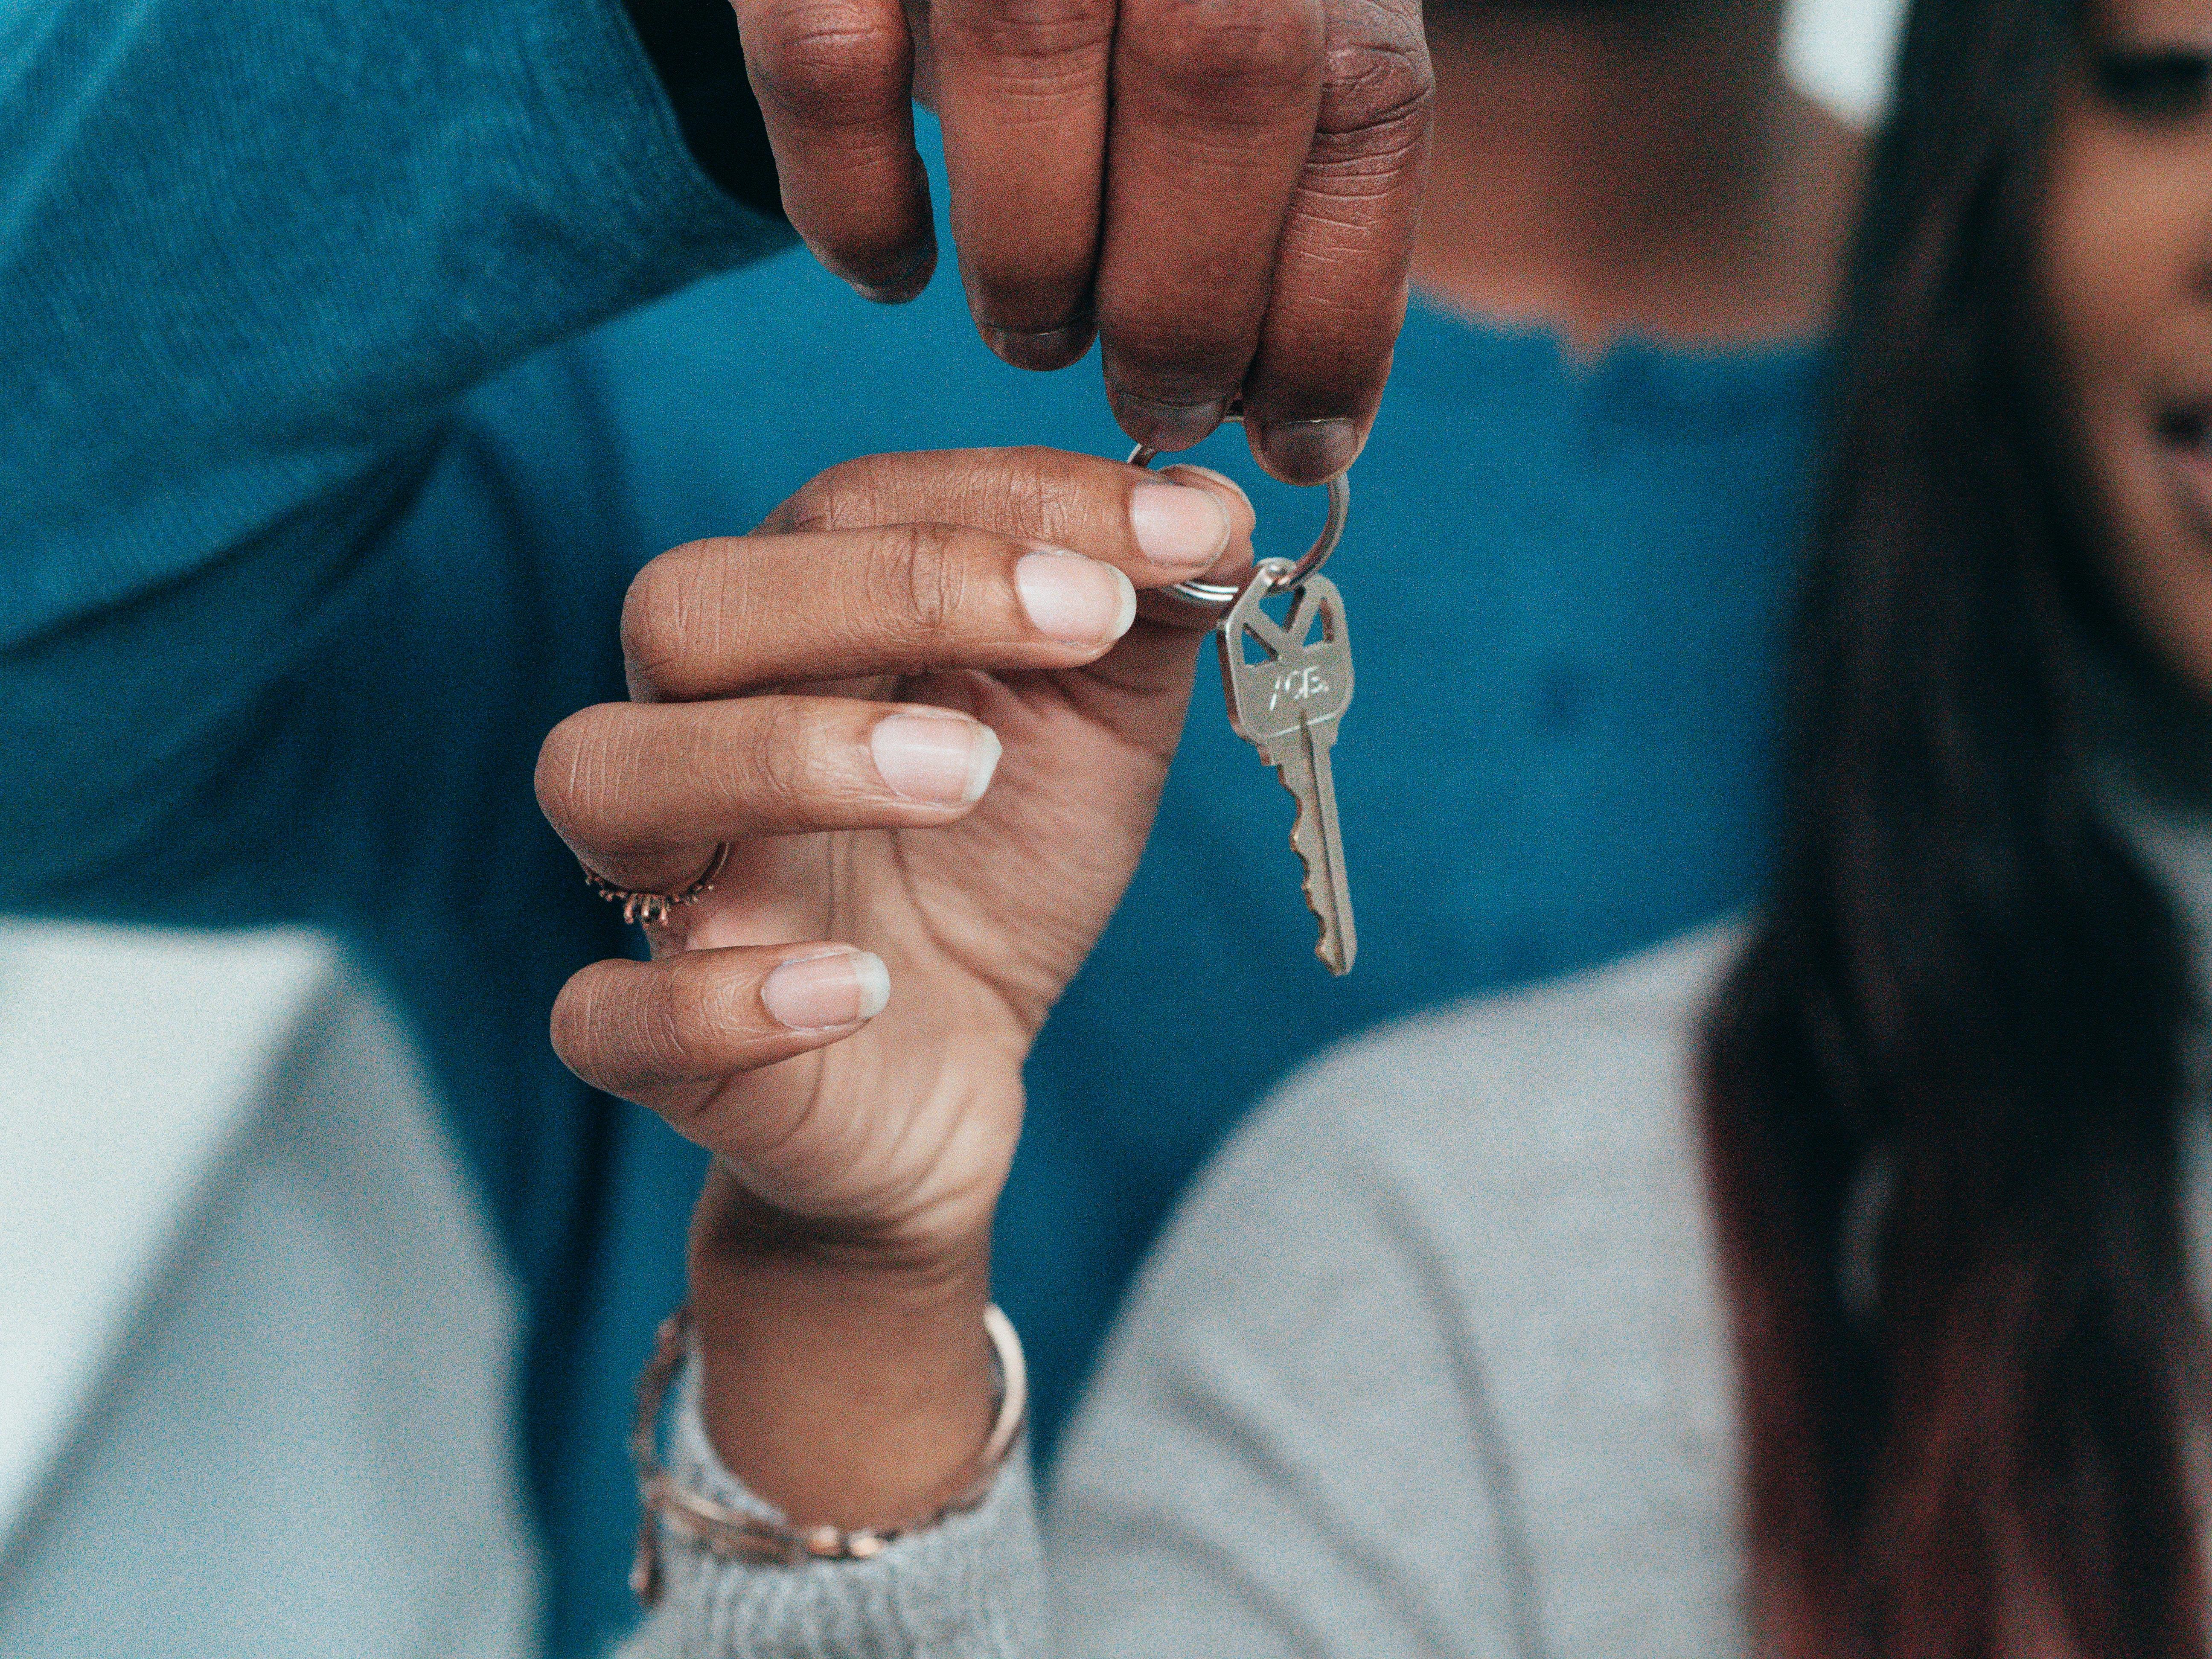 Programa de apoio ao arrendamento na Amadora